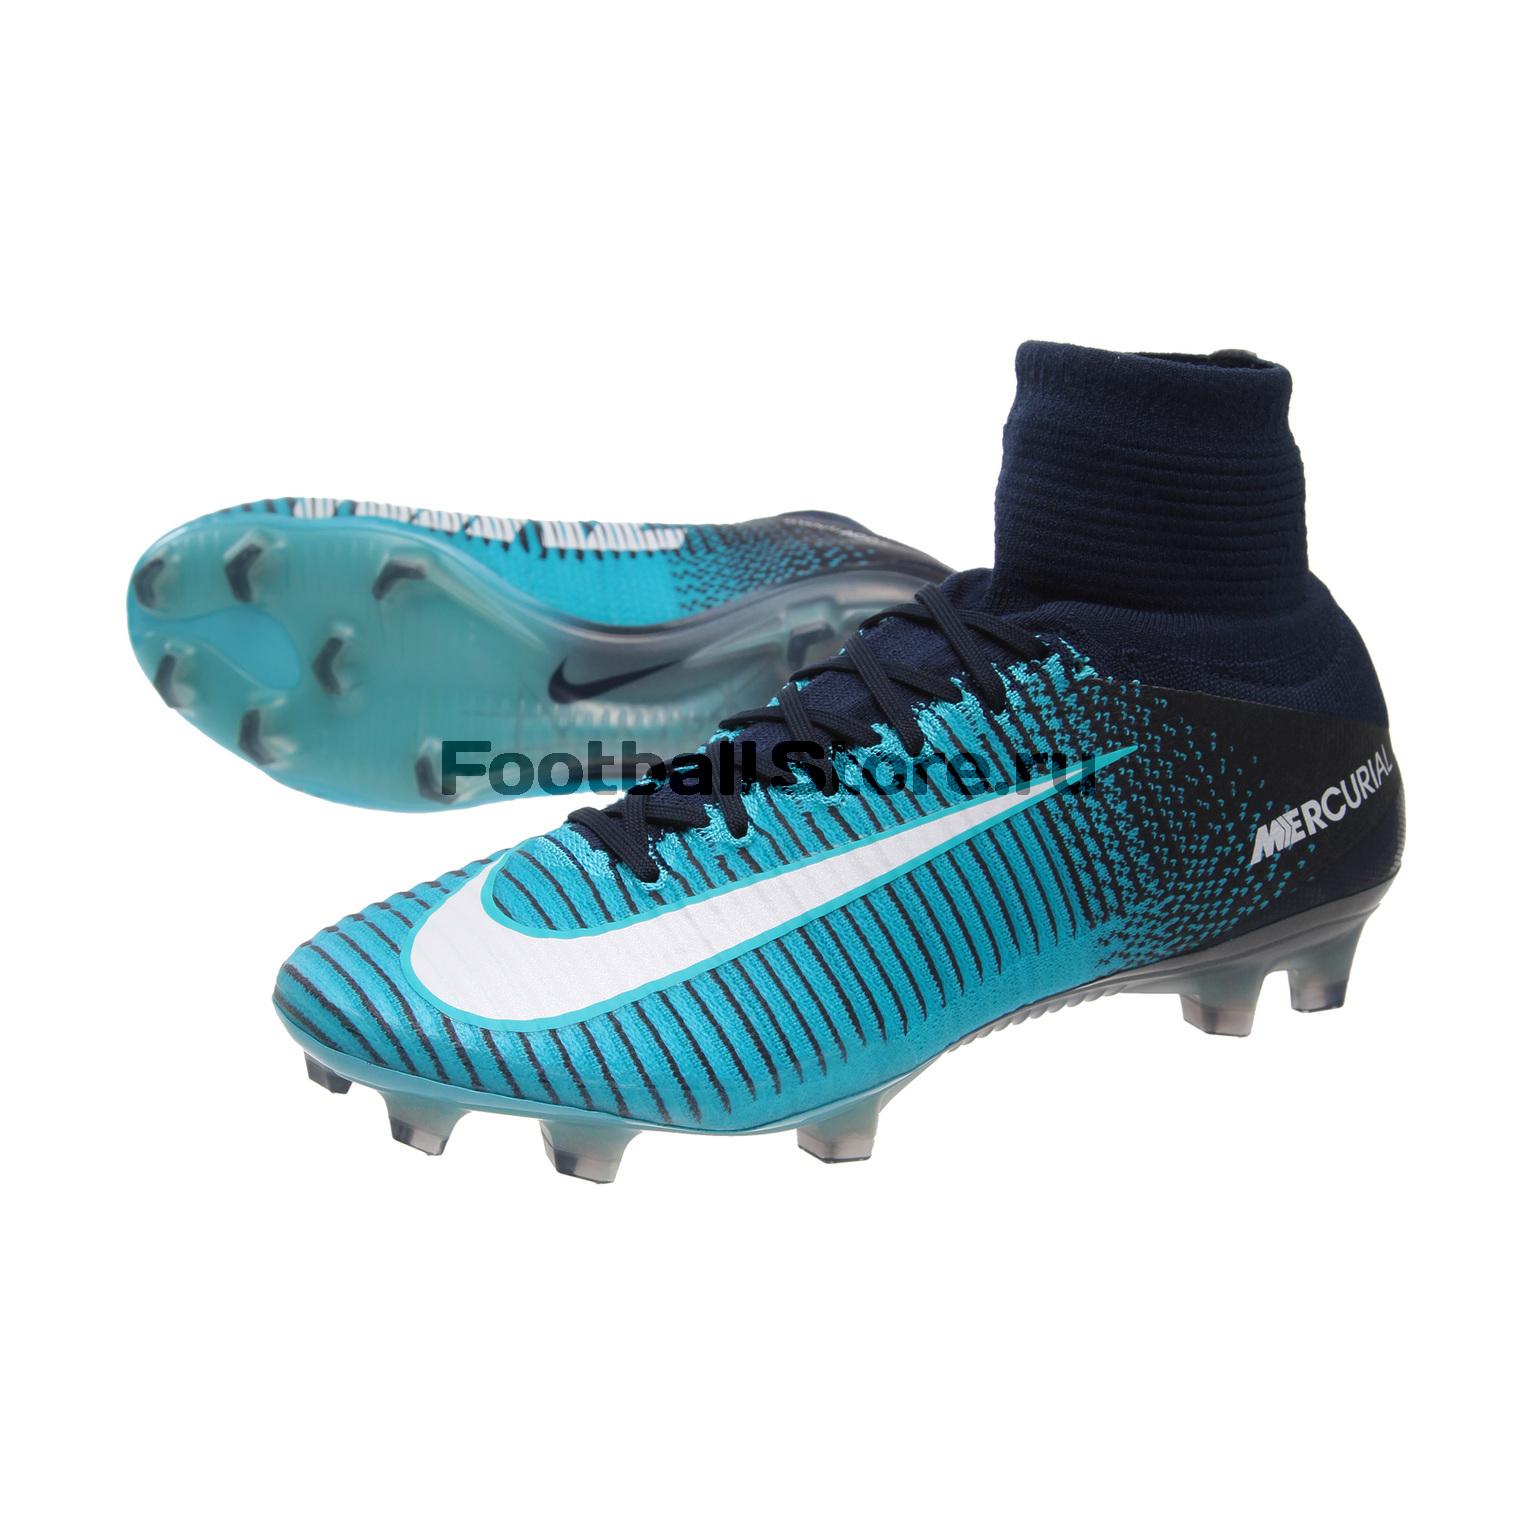 Бутсы Nike Mercurial Superfly V DF FG 831940-414 – купить бутсы в ... 1cdb4ab6dd2